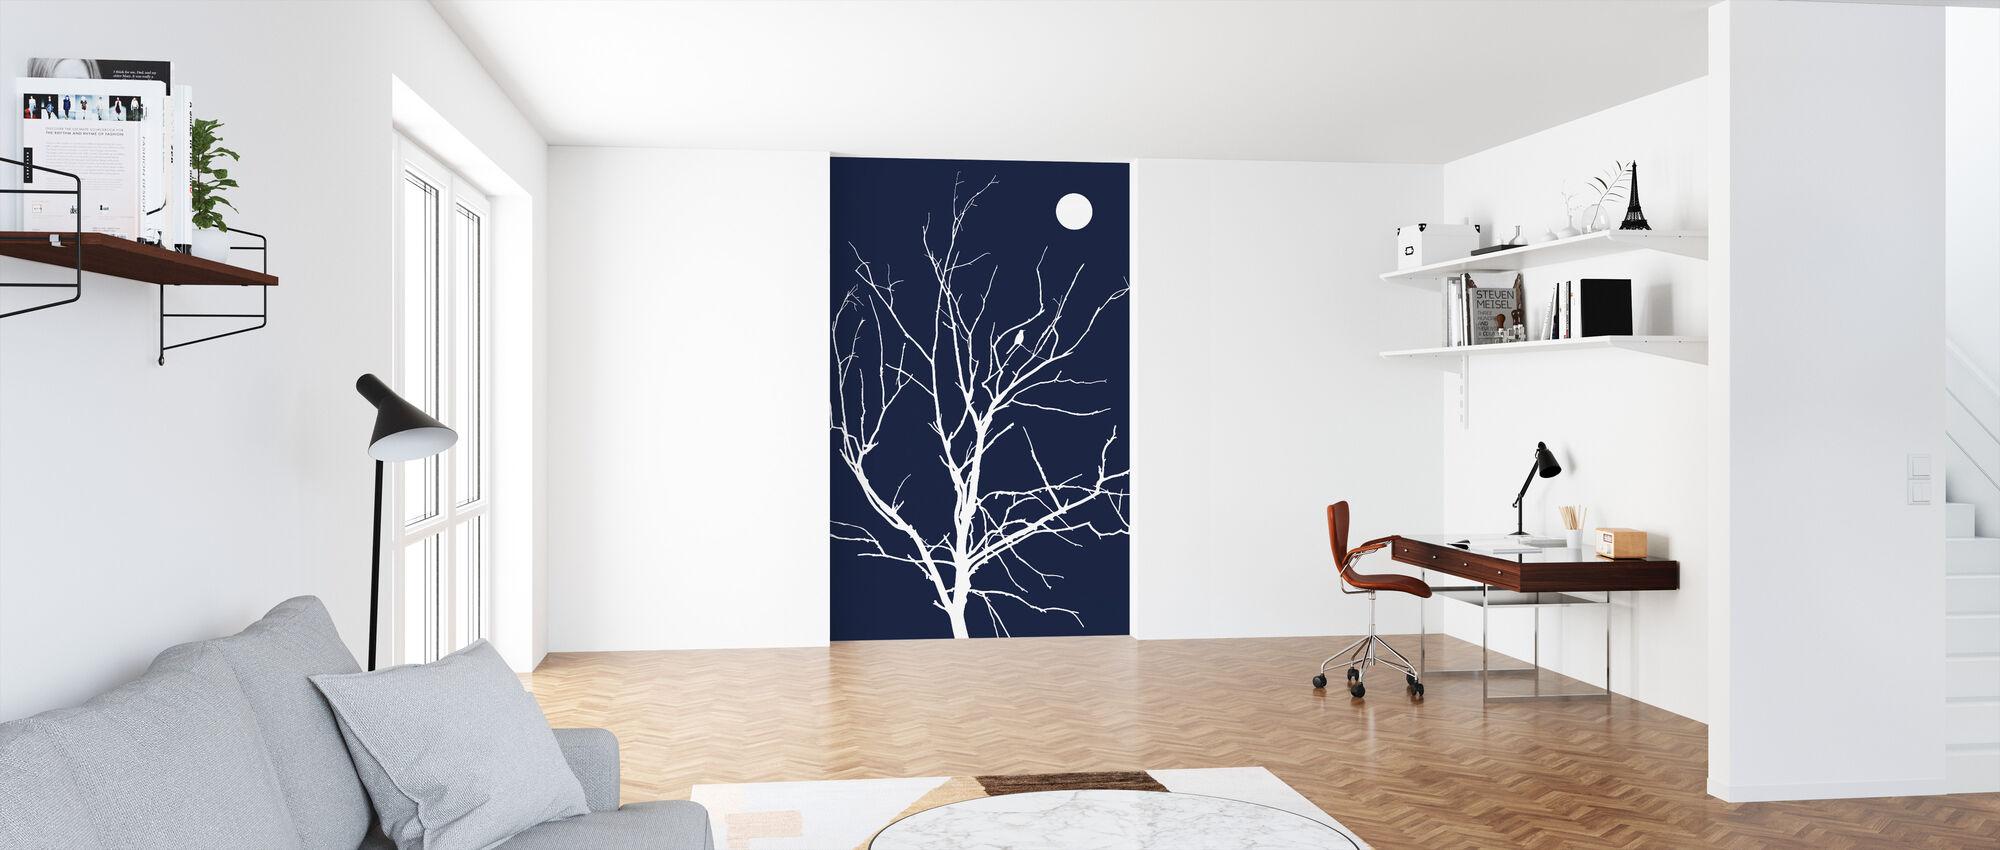 Ensom fugl natt månen - Tapet - Kontor